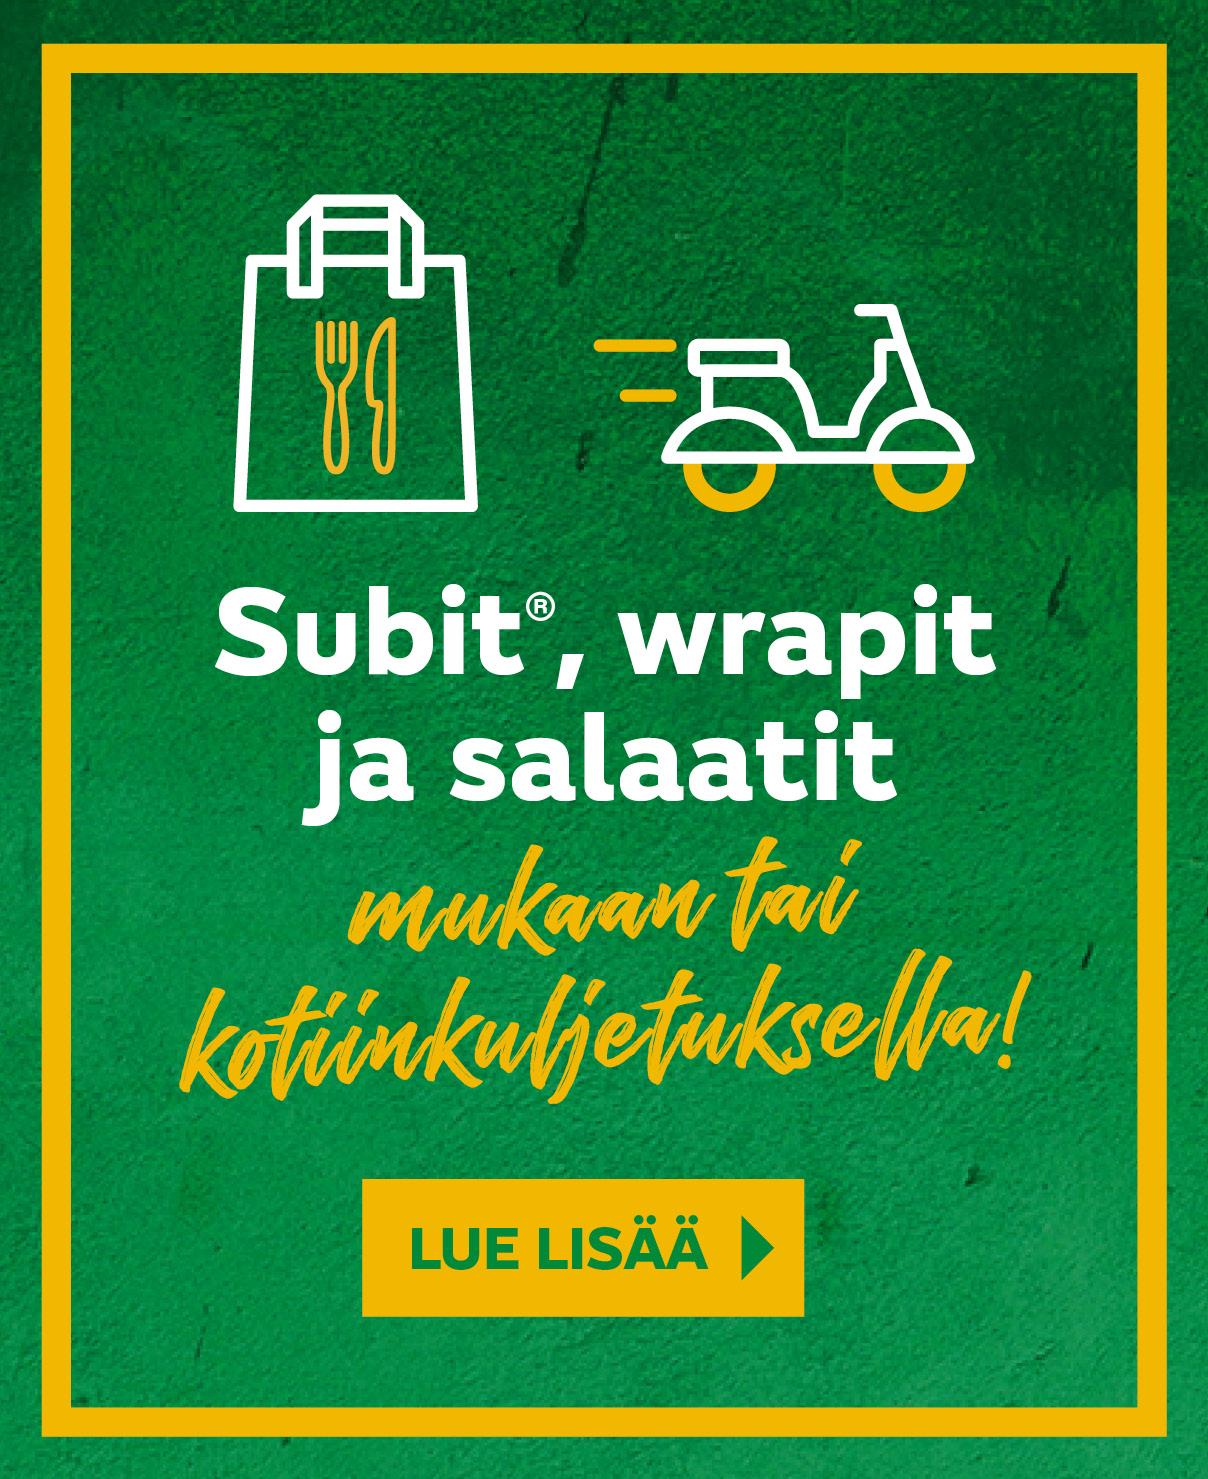 Subway Kupittaa